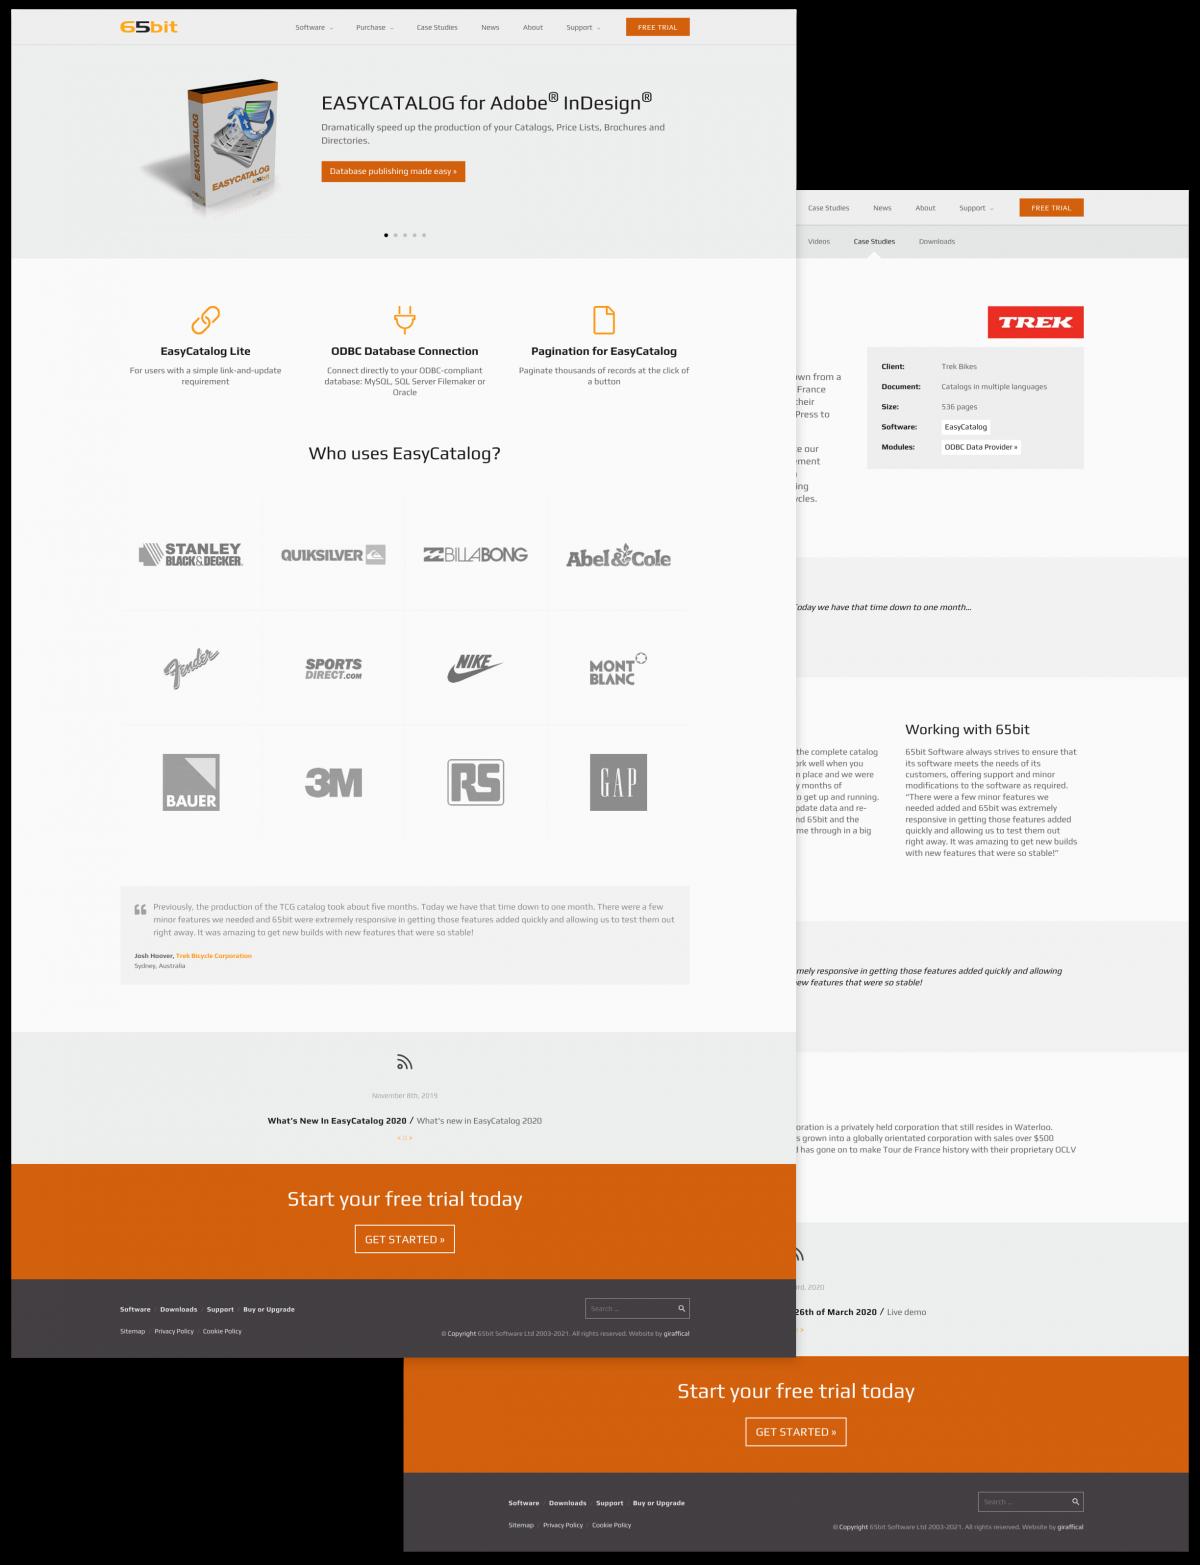 65bit Software Website Redesign